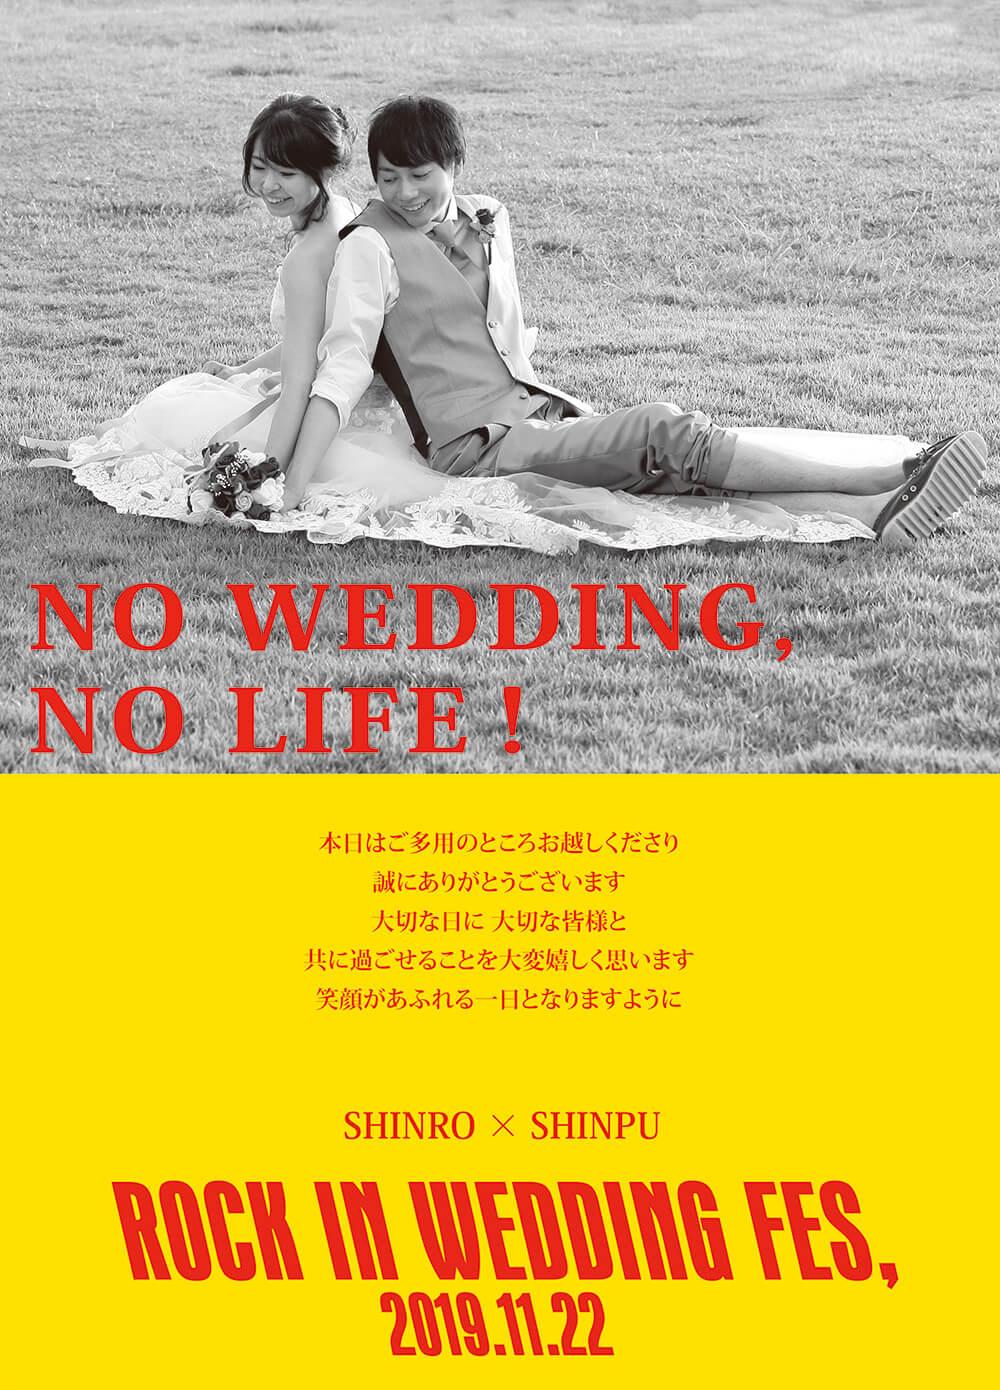 アーティスト風・結婚式ウェルカムボード(タワレコ風ウェルカムスペース)